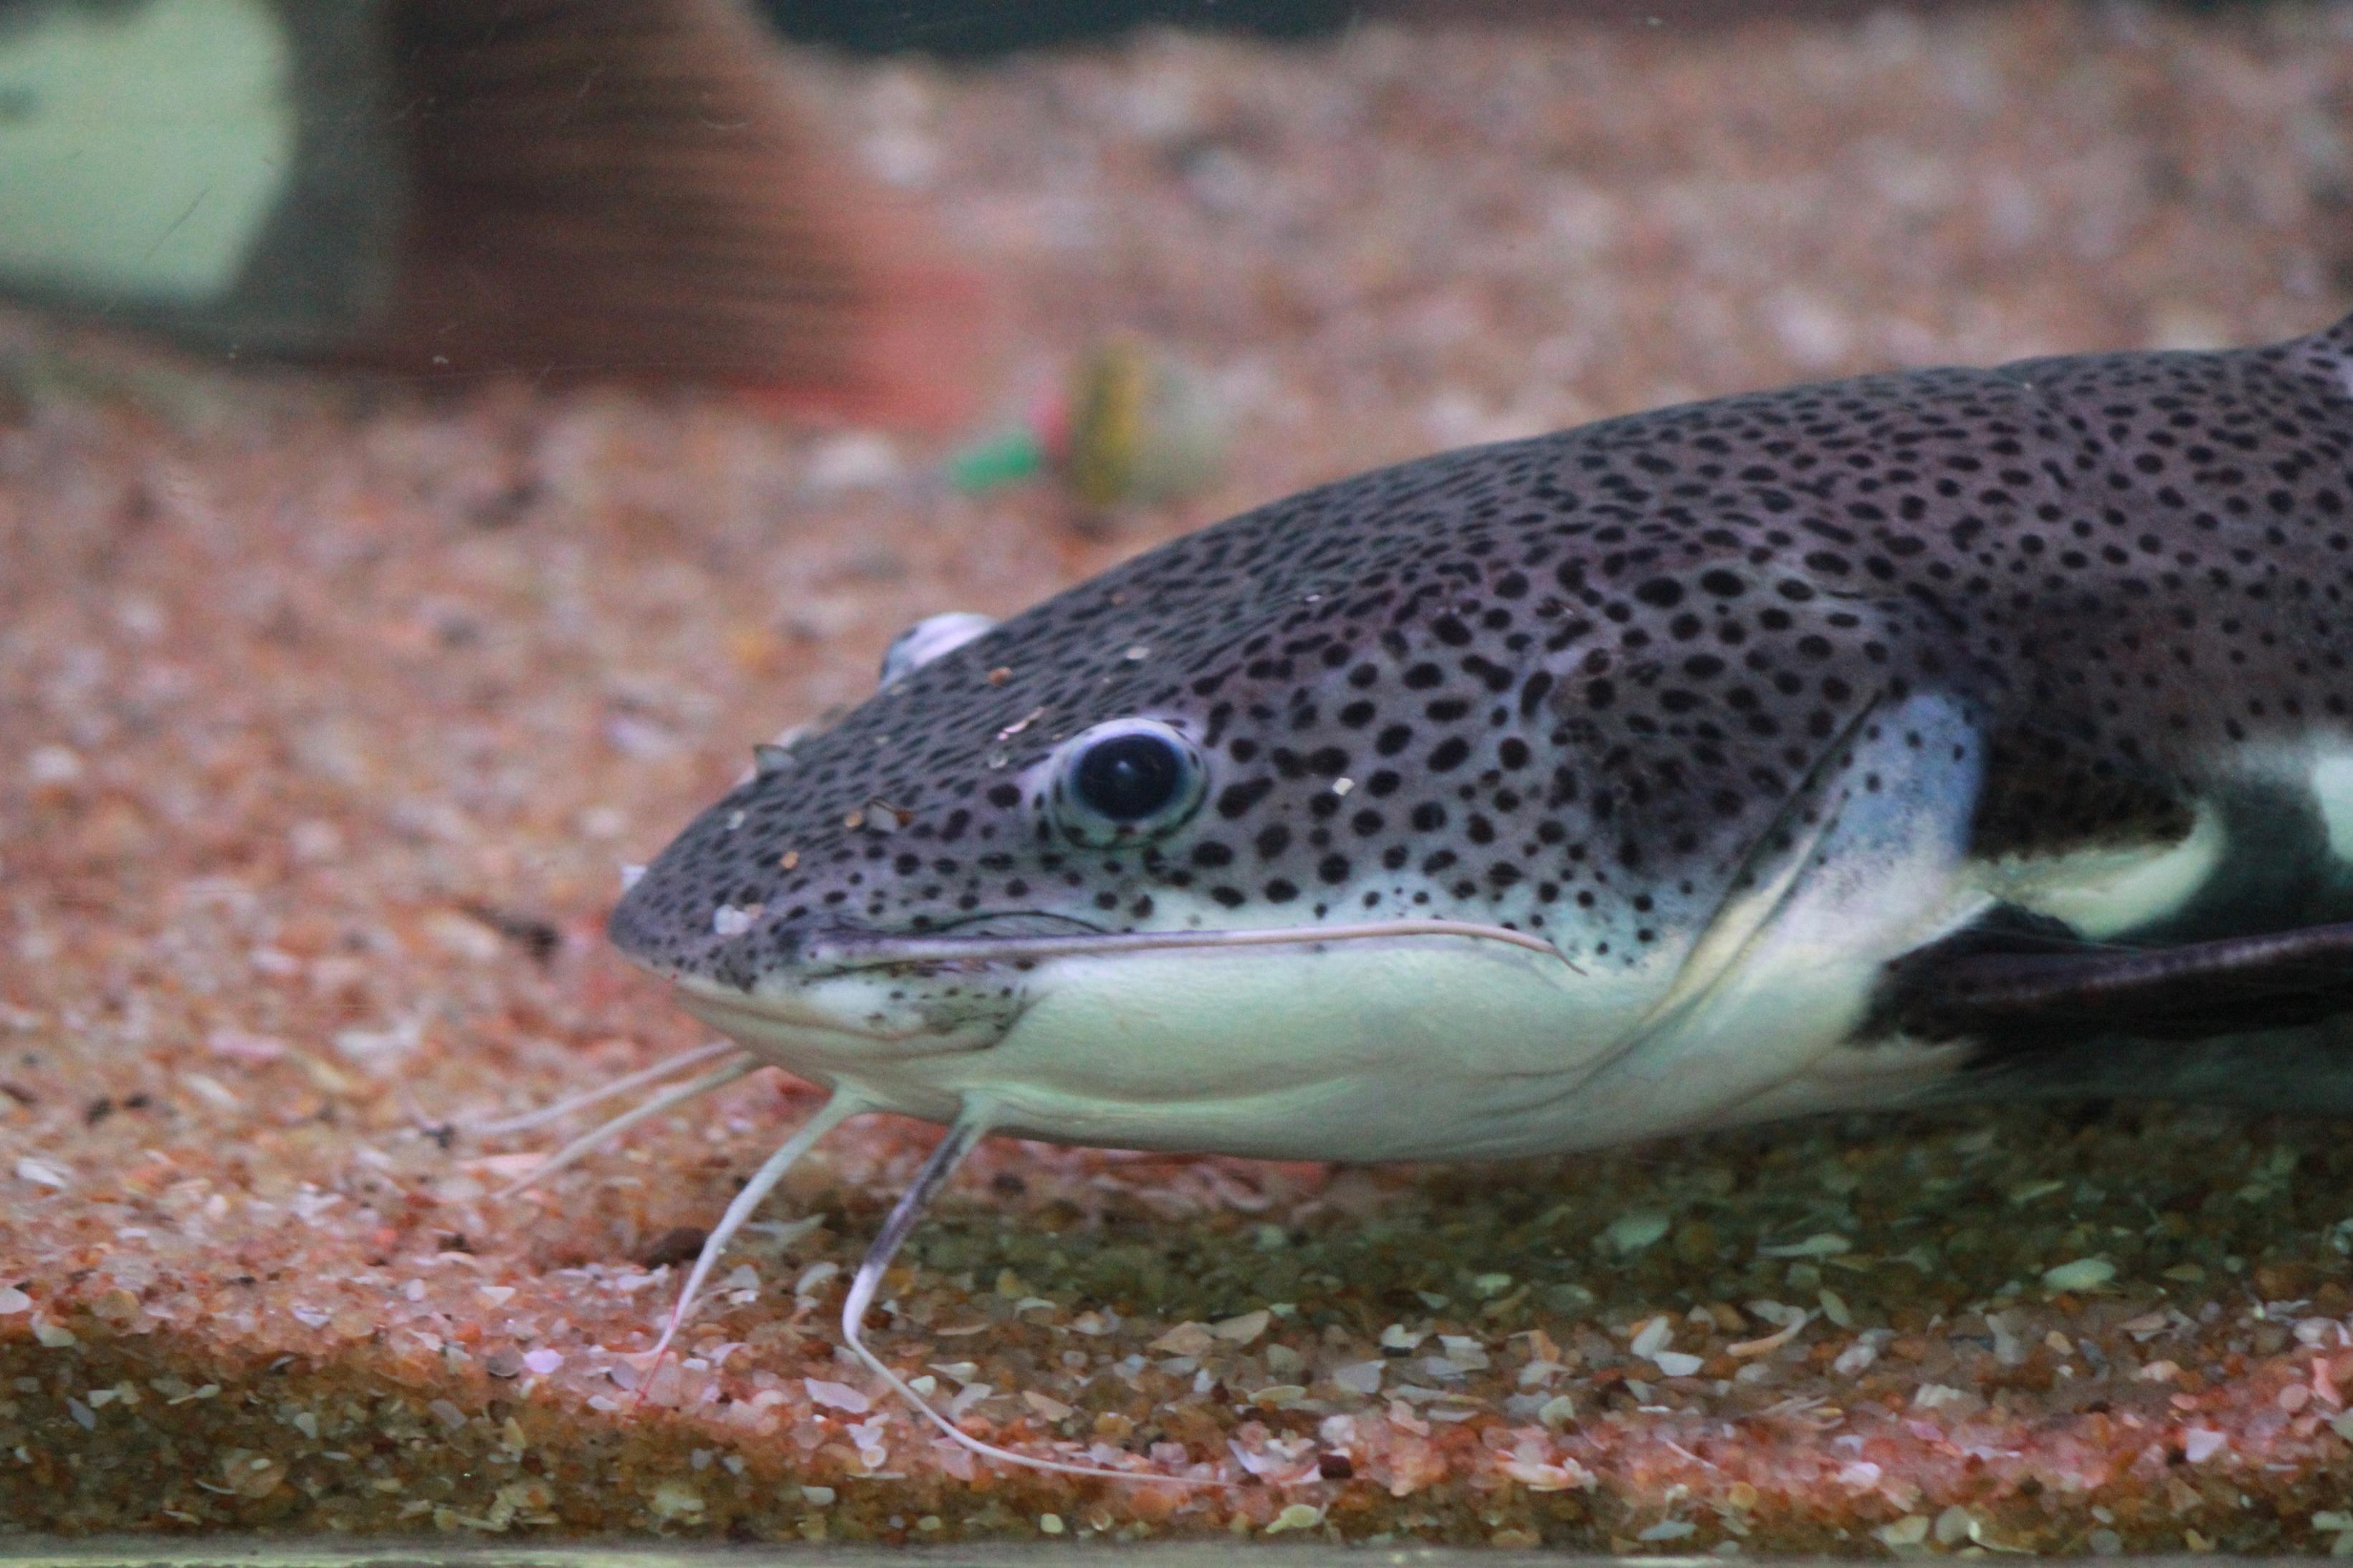 Foto gratis pesce gatto pesce animale subacqueo acquario for Pesce gatto acquario